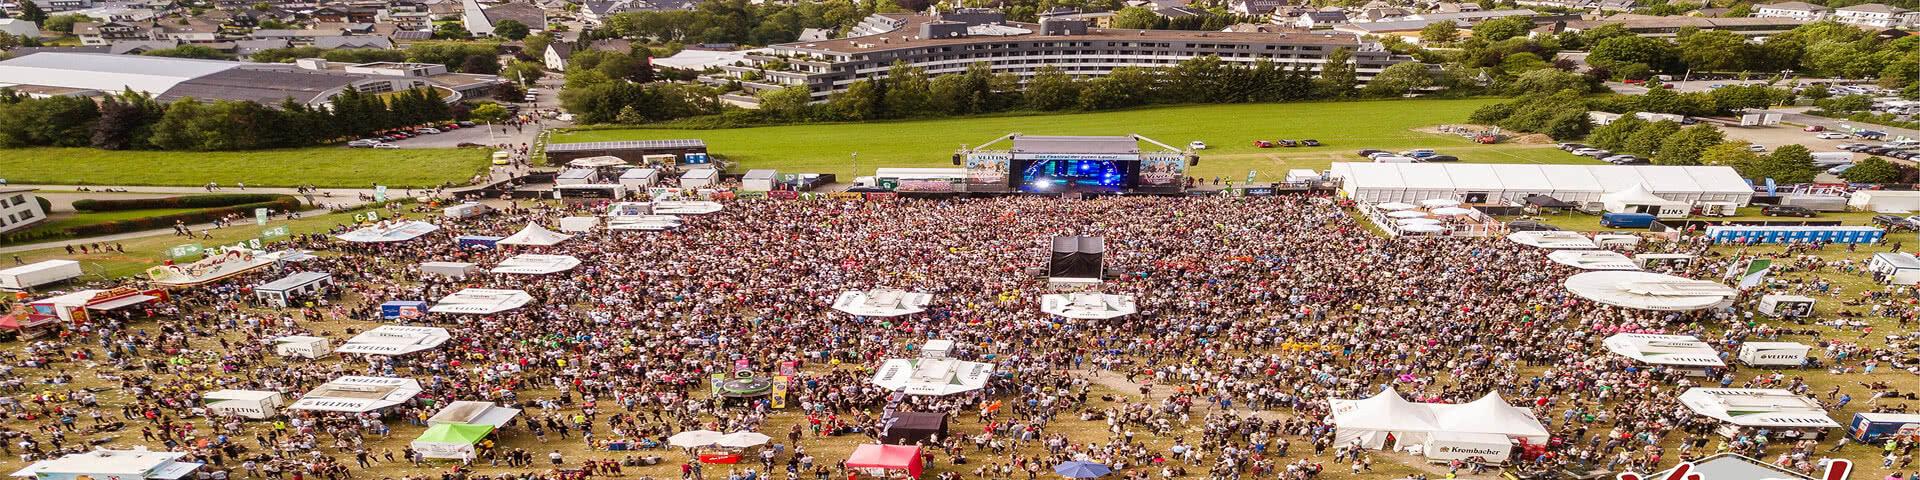 Luftbild von der Veranstaltungsfläche SchlagerStern Willingen